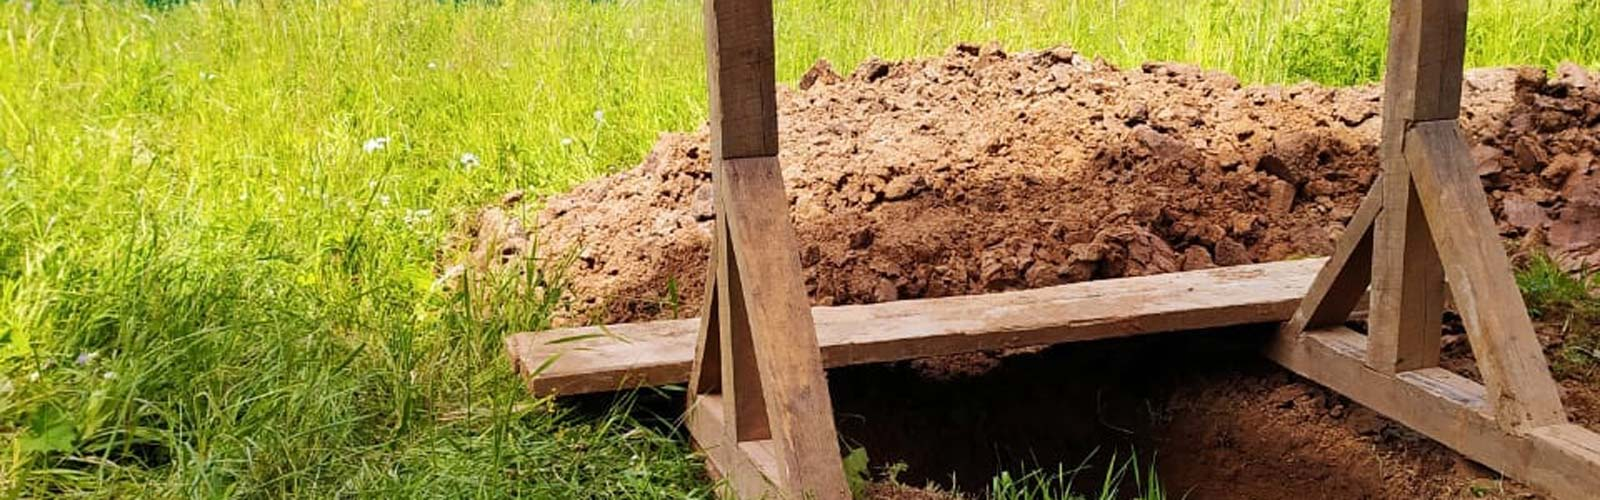 Выкопаем питьевой колодец, для полива, для дачи и дома